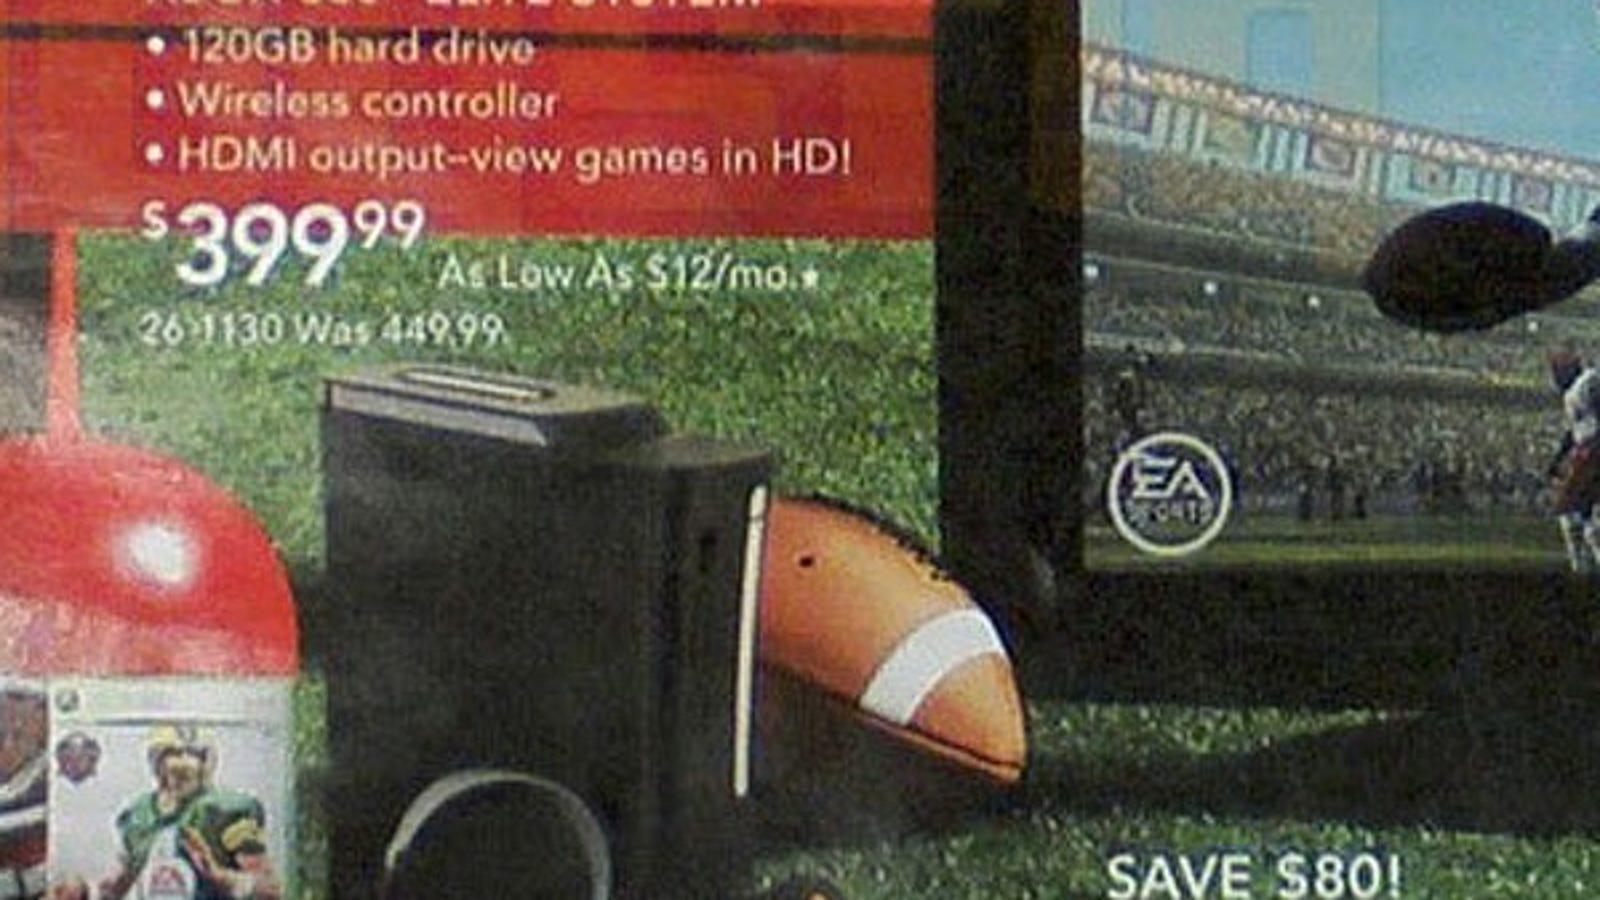 RadioShack Flyer Indicates Xbox 360 Price Cuts on Elite